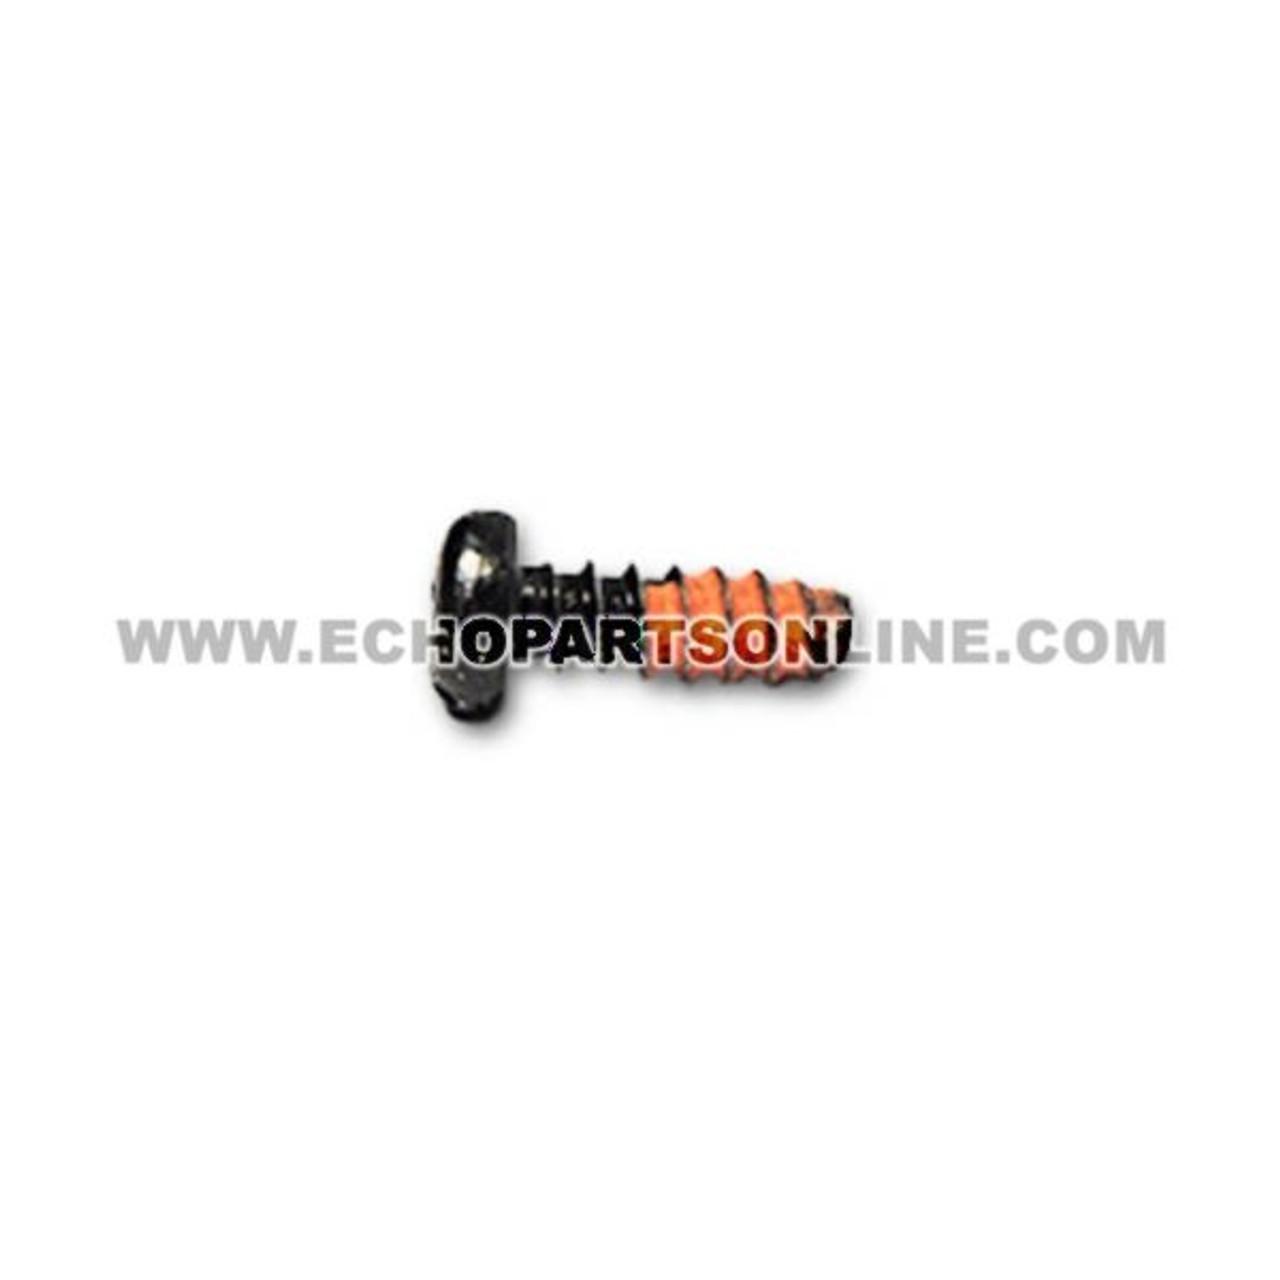 Genuine echo Part BOLT 4 V202000060